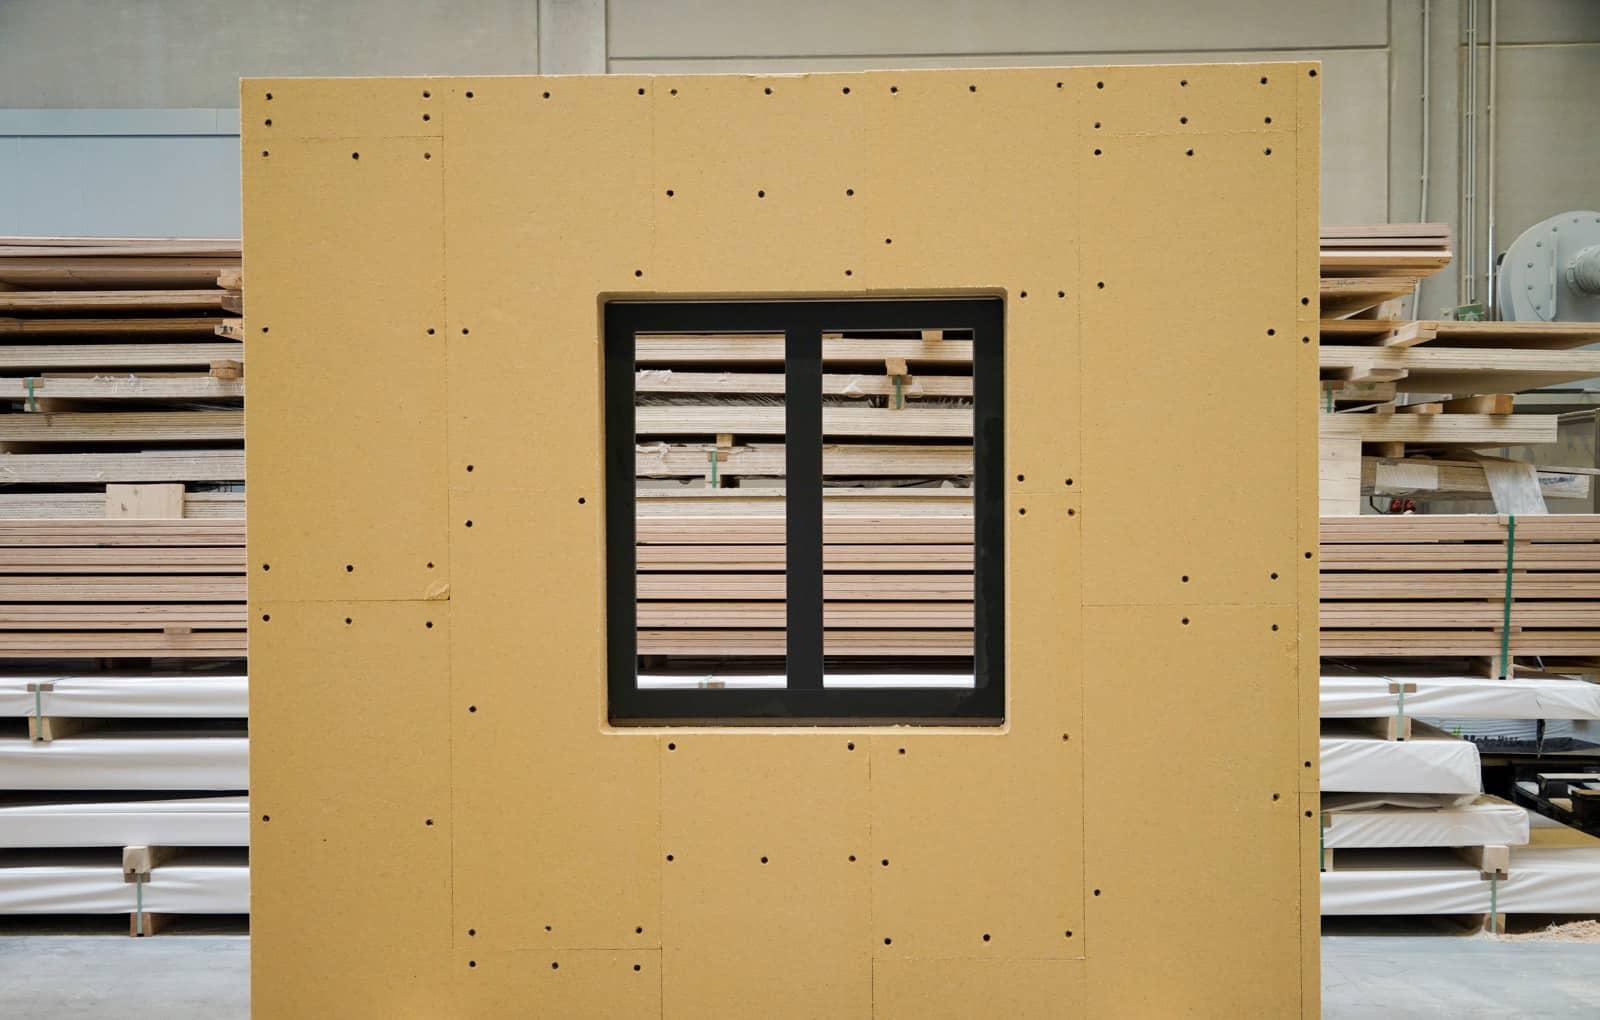 Wanelement Vorderseite mit Fenster